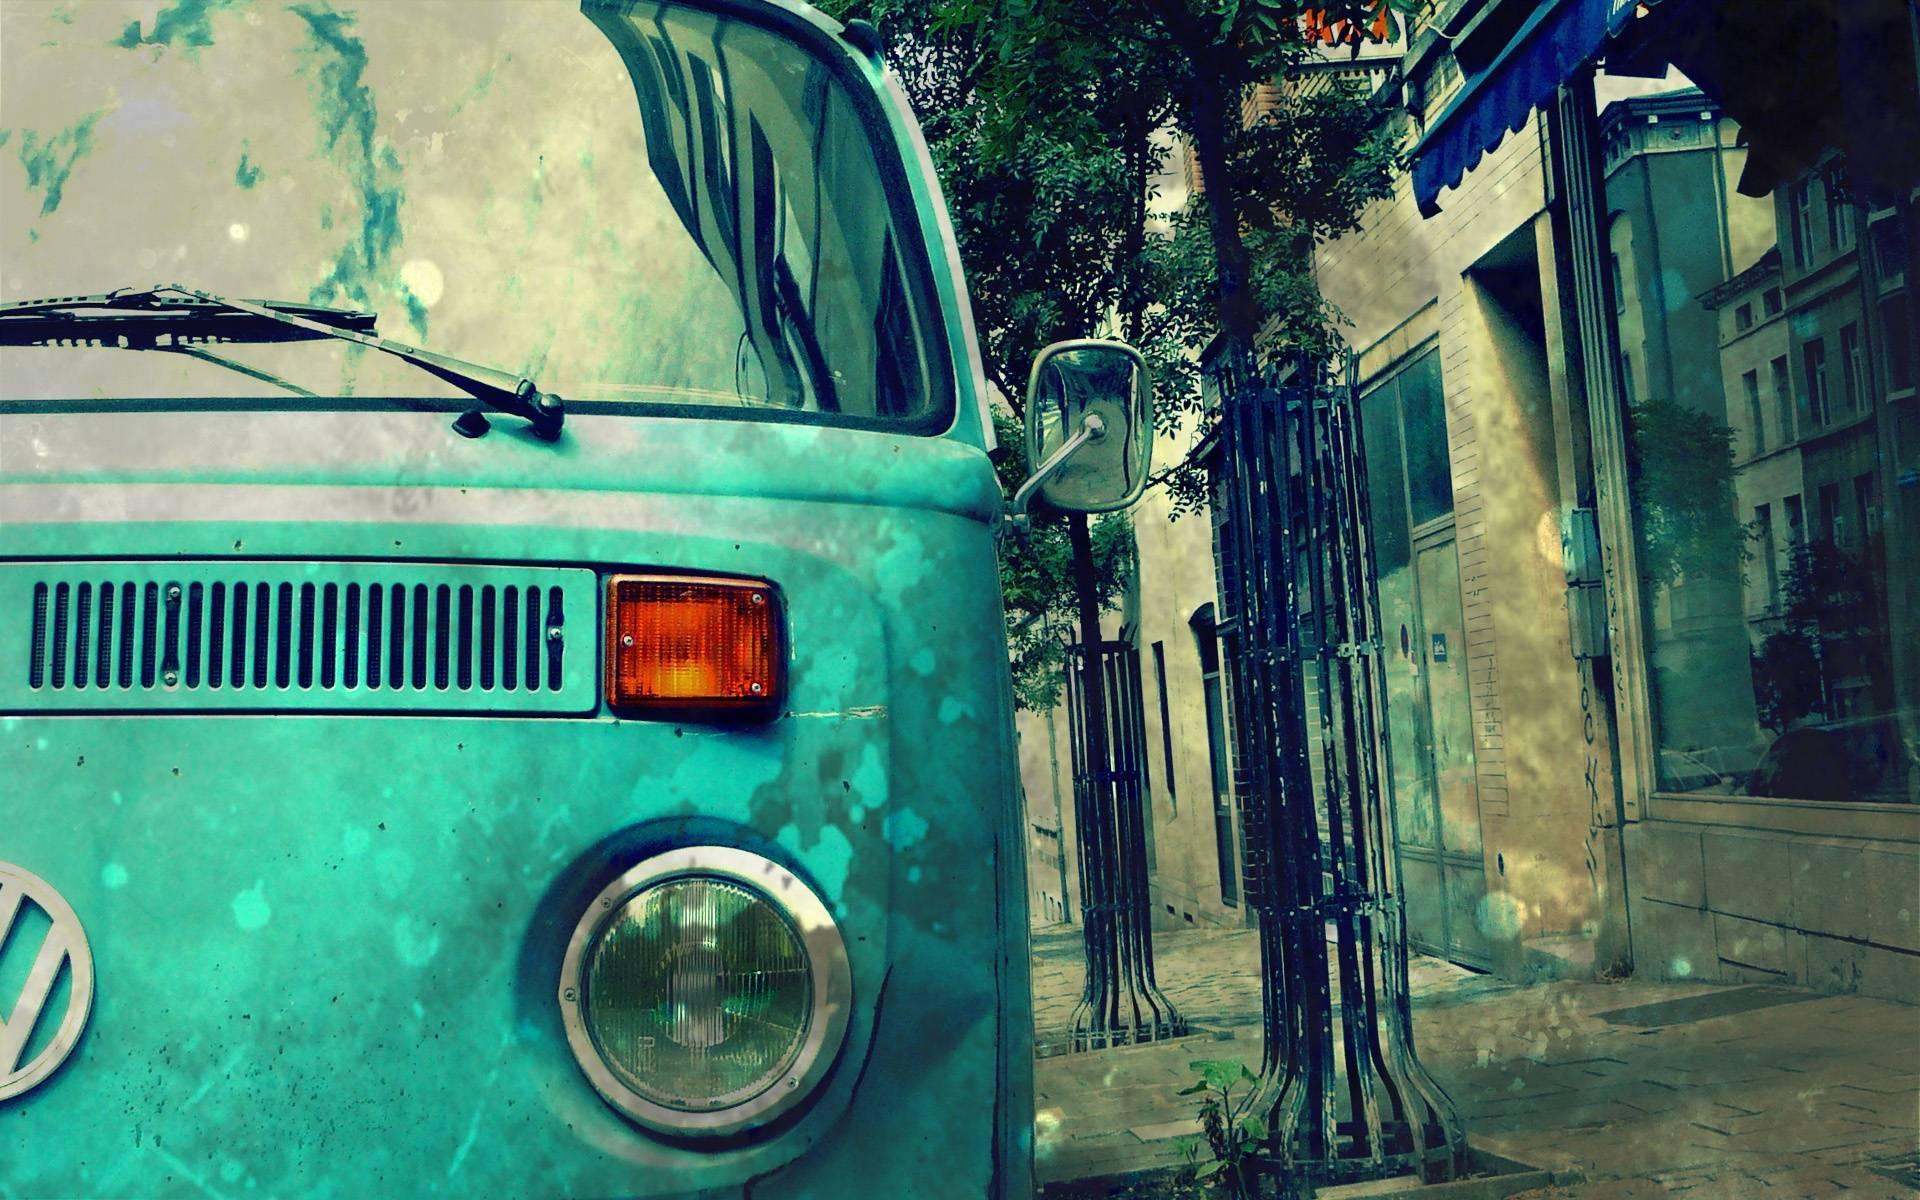 volkswagen buses wallpaper screensavers - photo #1